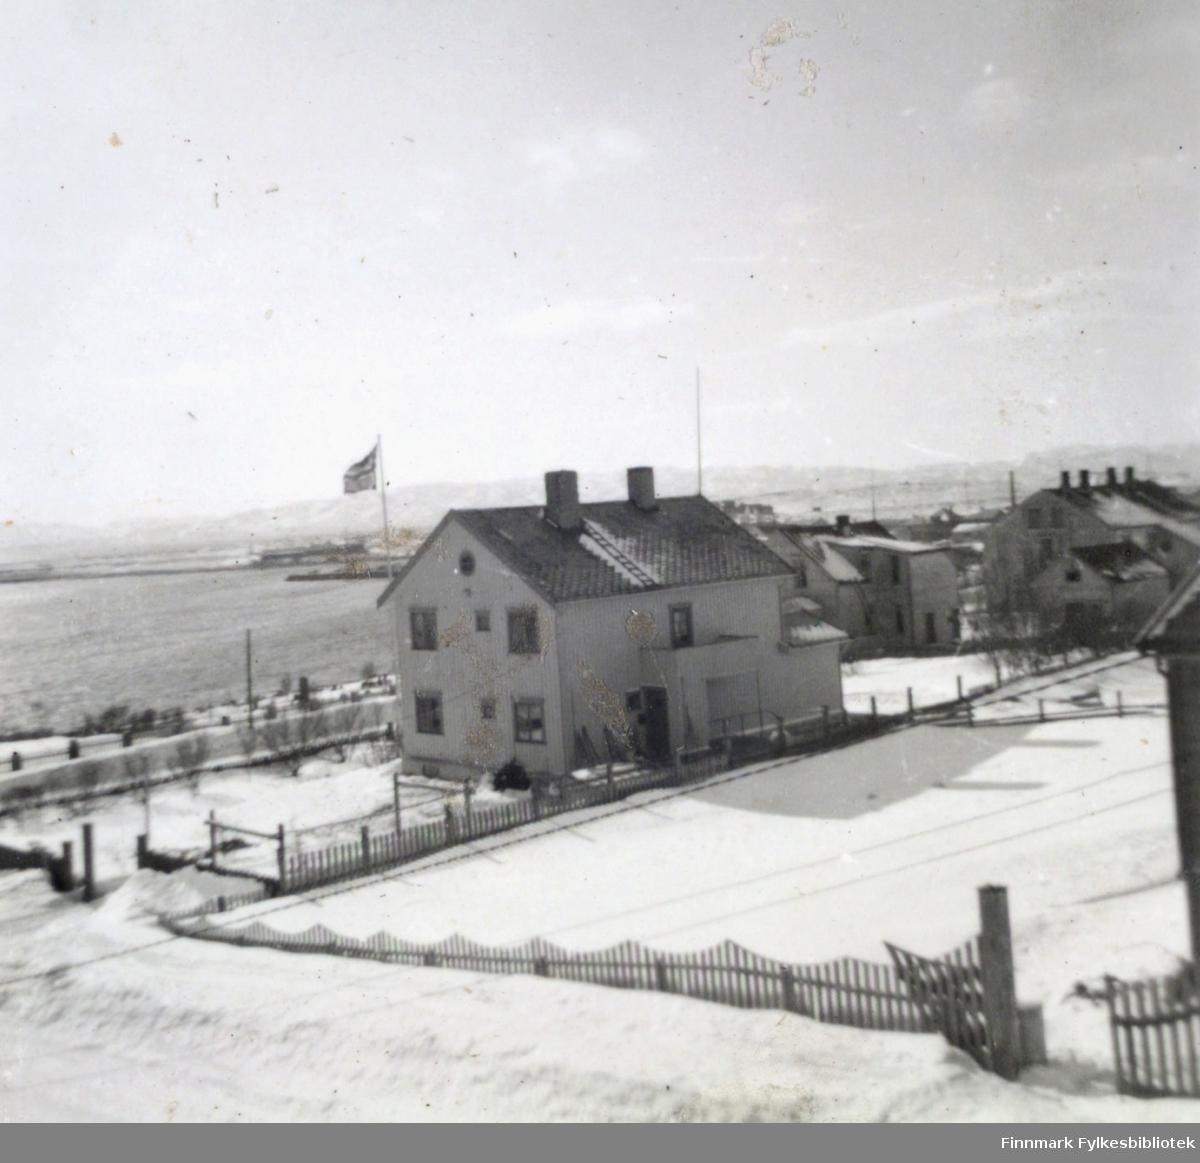 Søsterhjemmet i Vadsø. Ragnhild Stock bodde her da hun som ung sykepleier begynte å arbeide på Vadsø sykehus